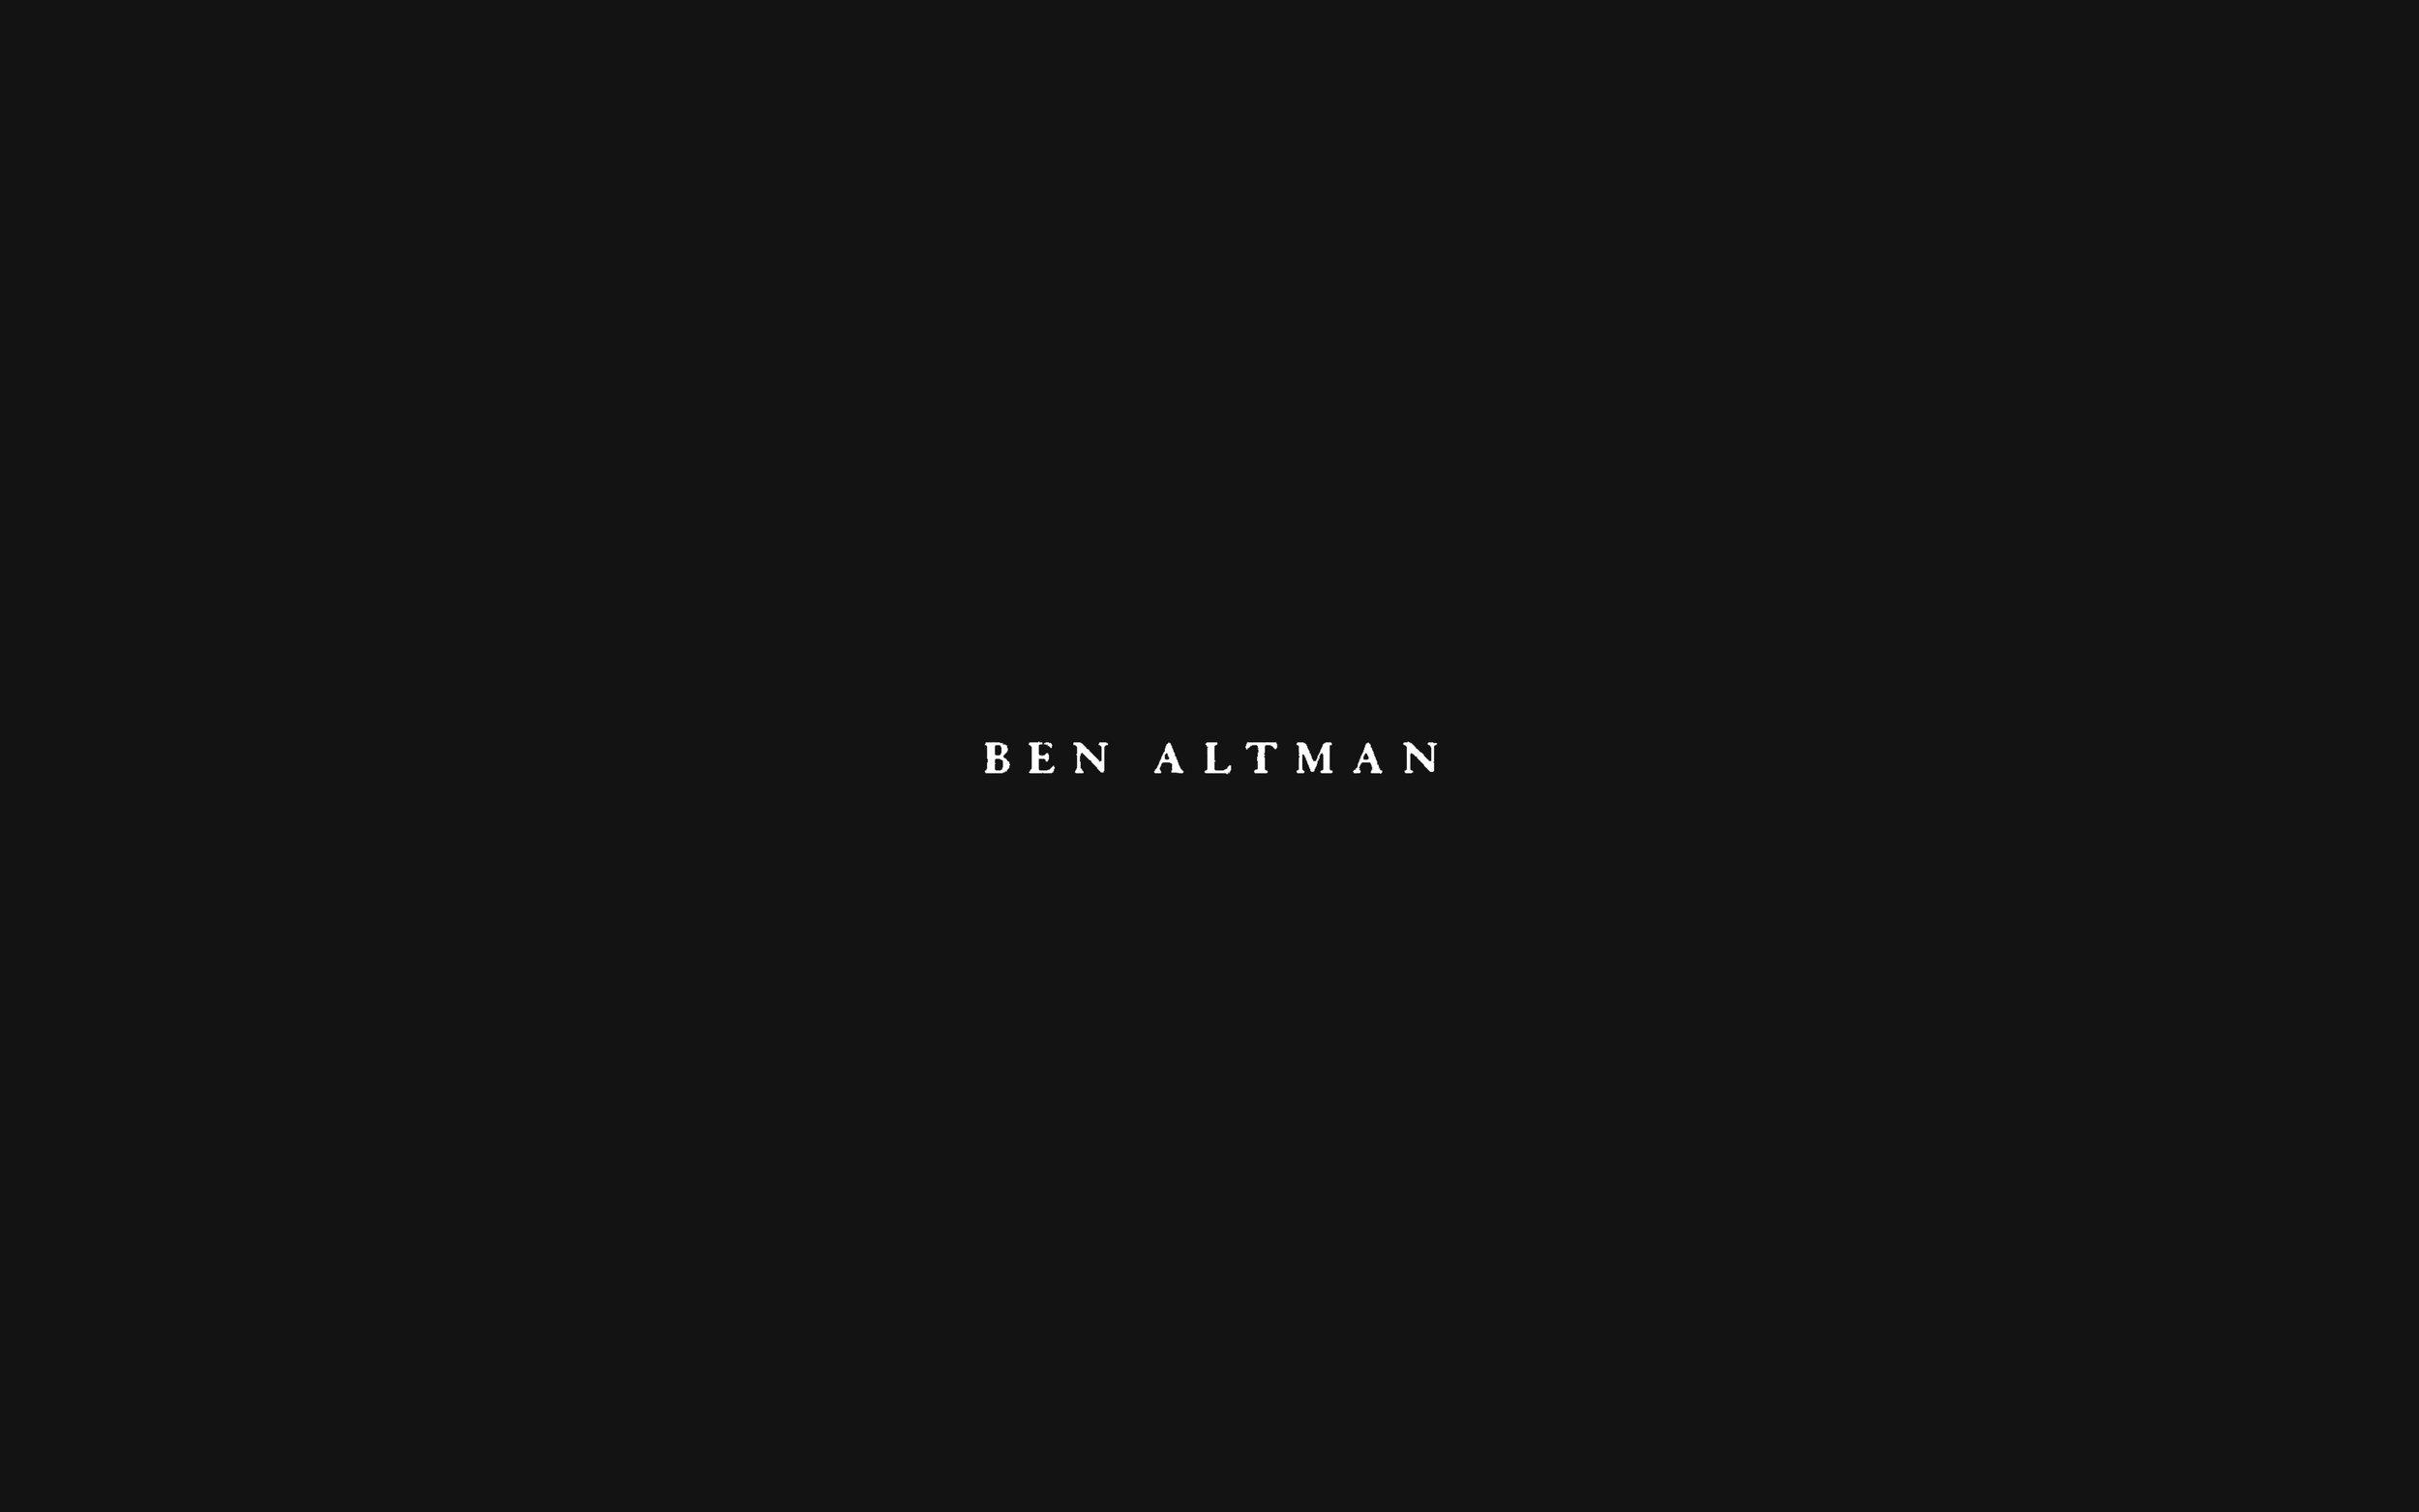 4C__Ben_Altman_00.jpg